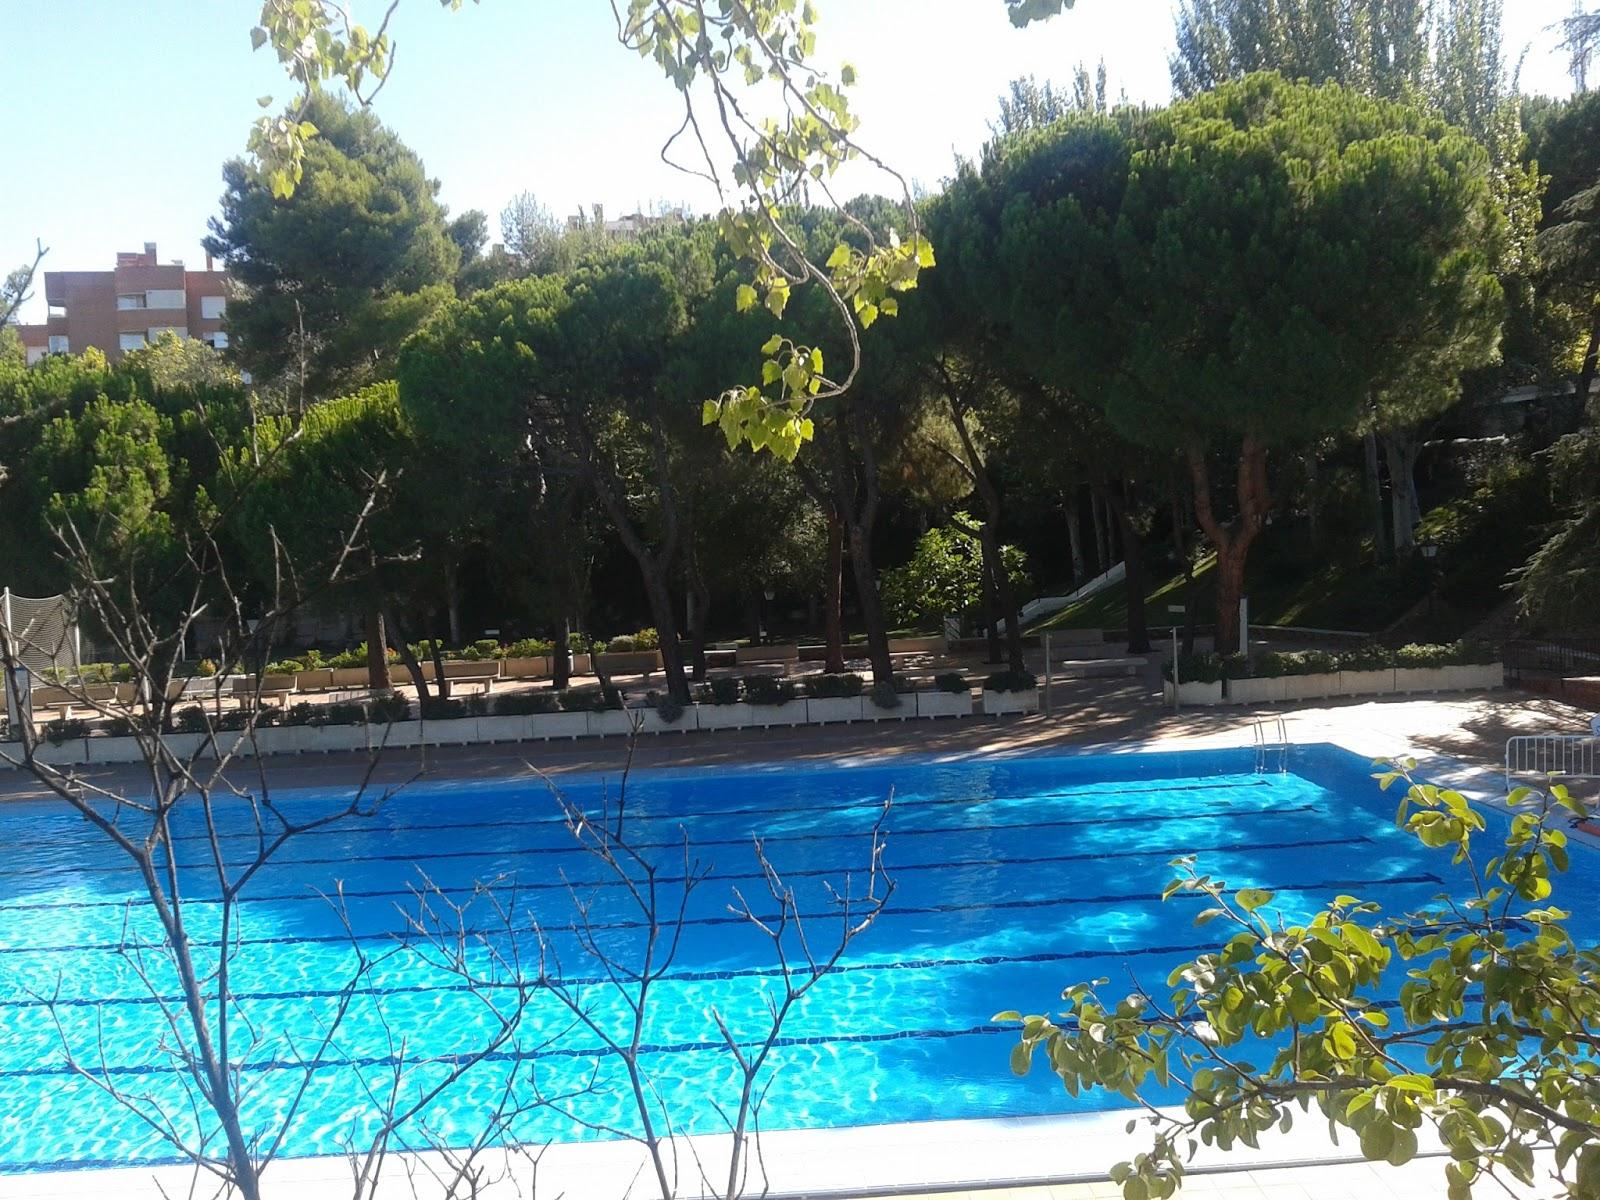 Nosolometro el s bado abren las piscinas municipales de for Cuando abren las piscinas en madrid